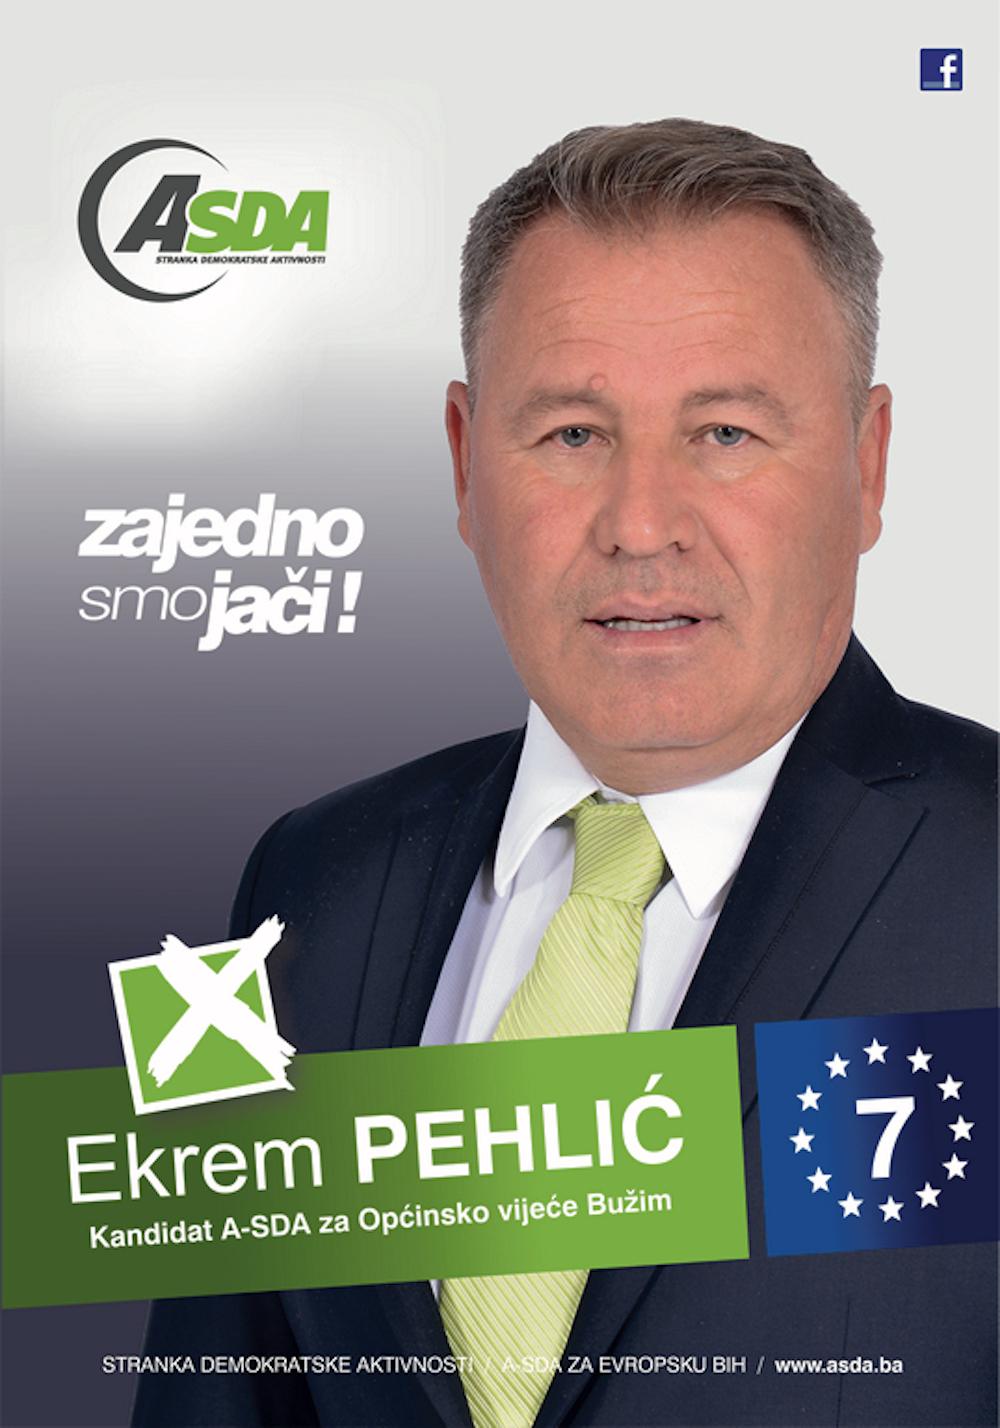 Ekrem Pehlić